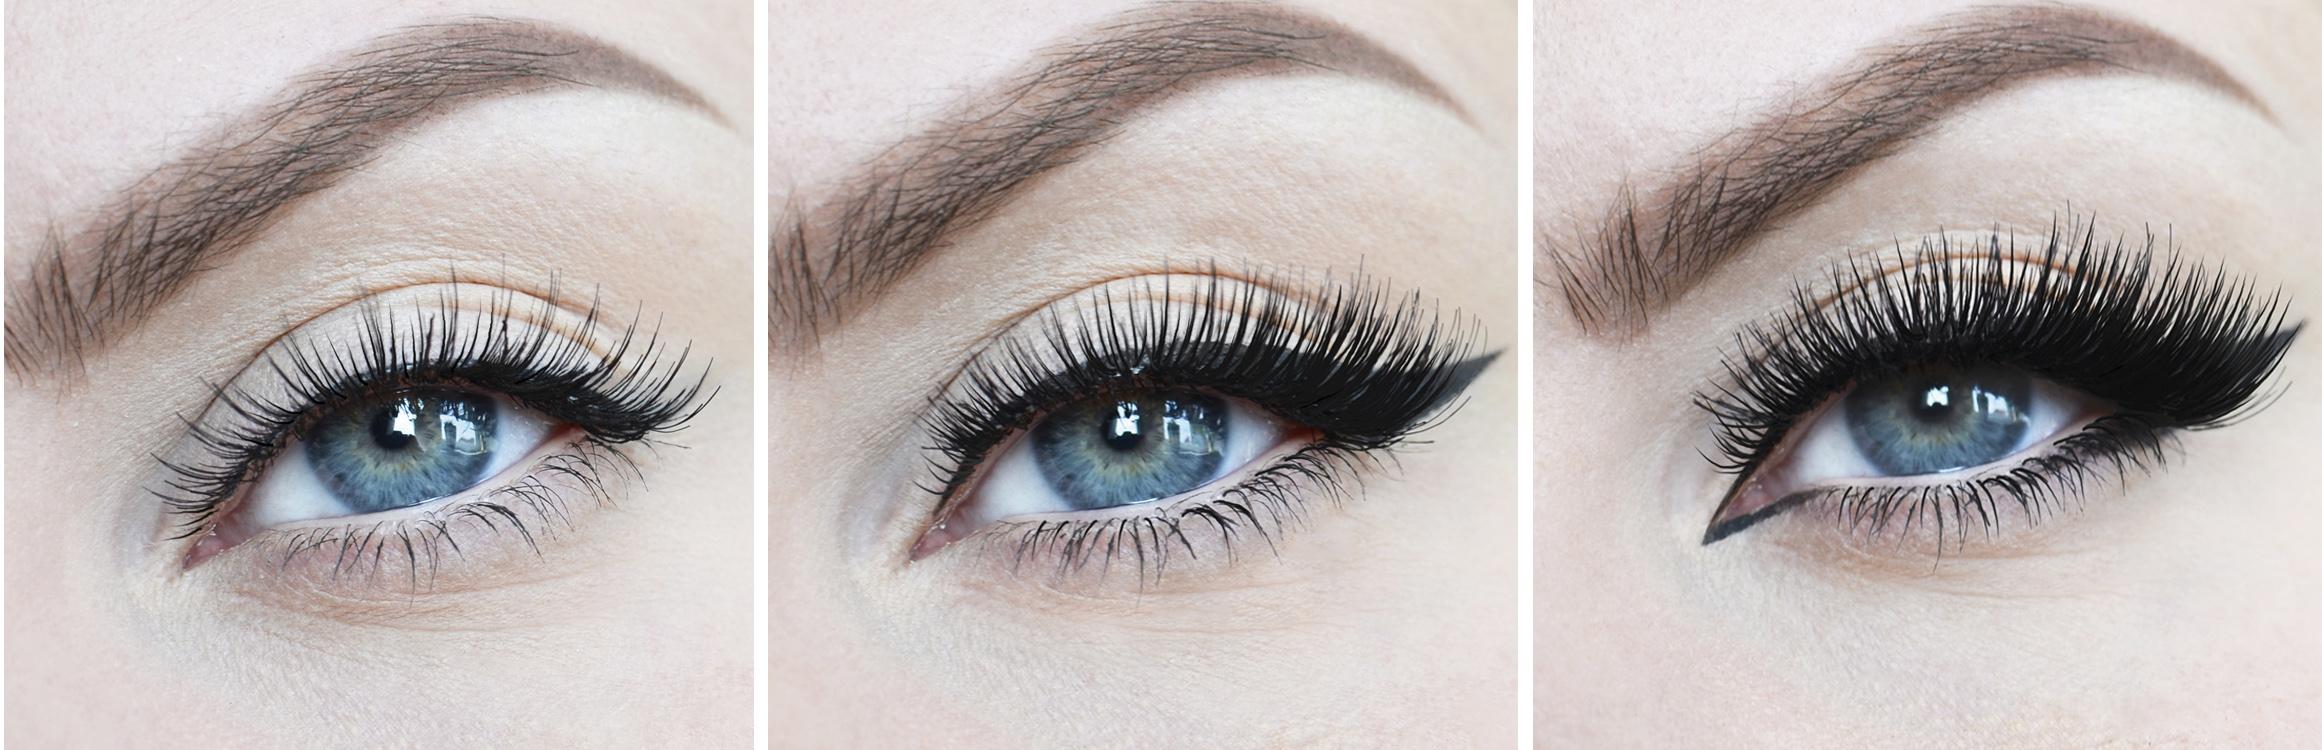 Best 10 Revlon Eyeliners - www.topbeauti.com